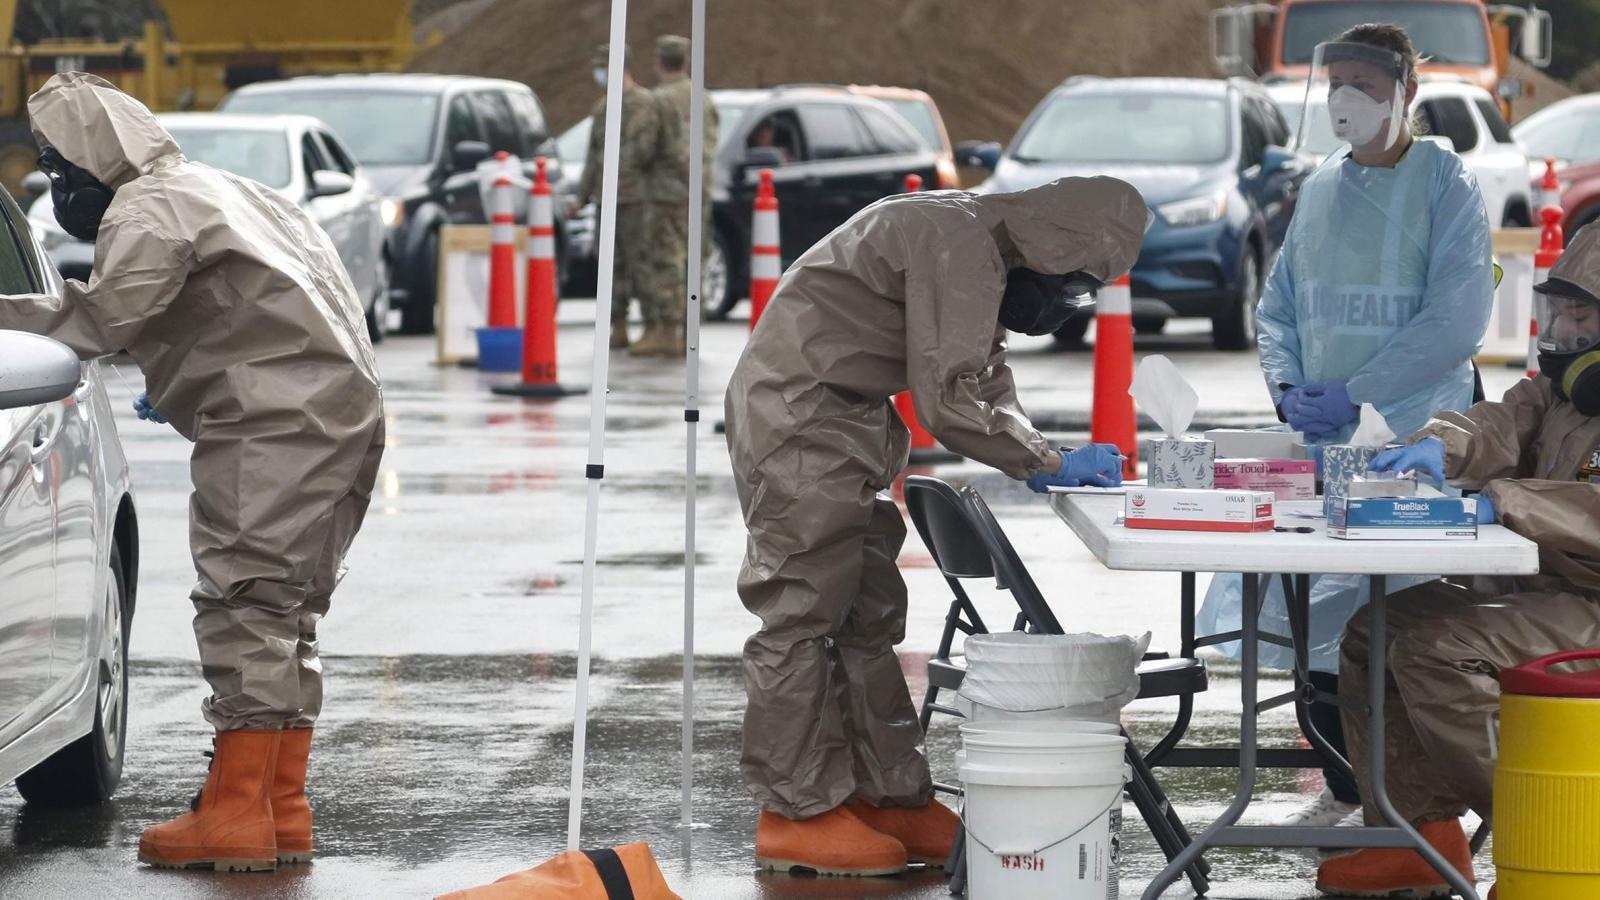 Bang Wisconsin (Mỹ) phải lập bệnh viện dã chiến do số ca nhiễm Covid-19 tăng đột biến